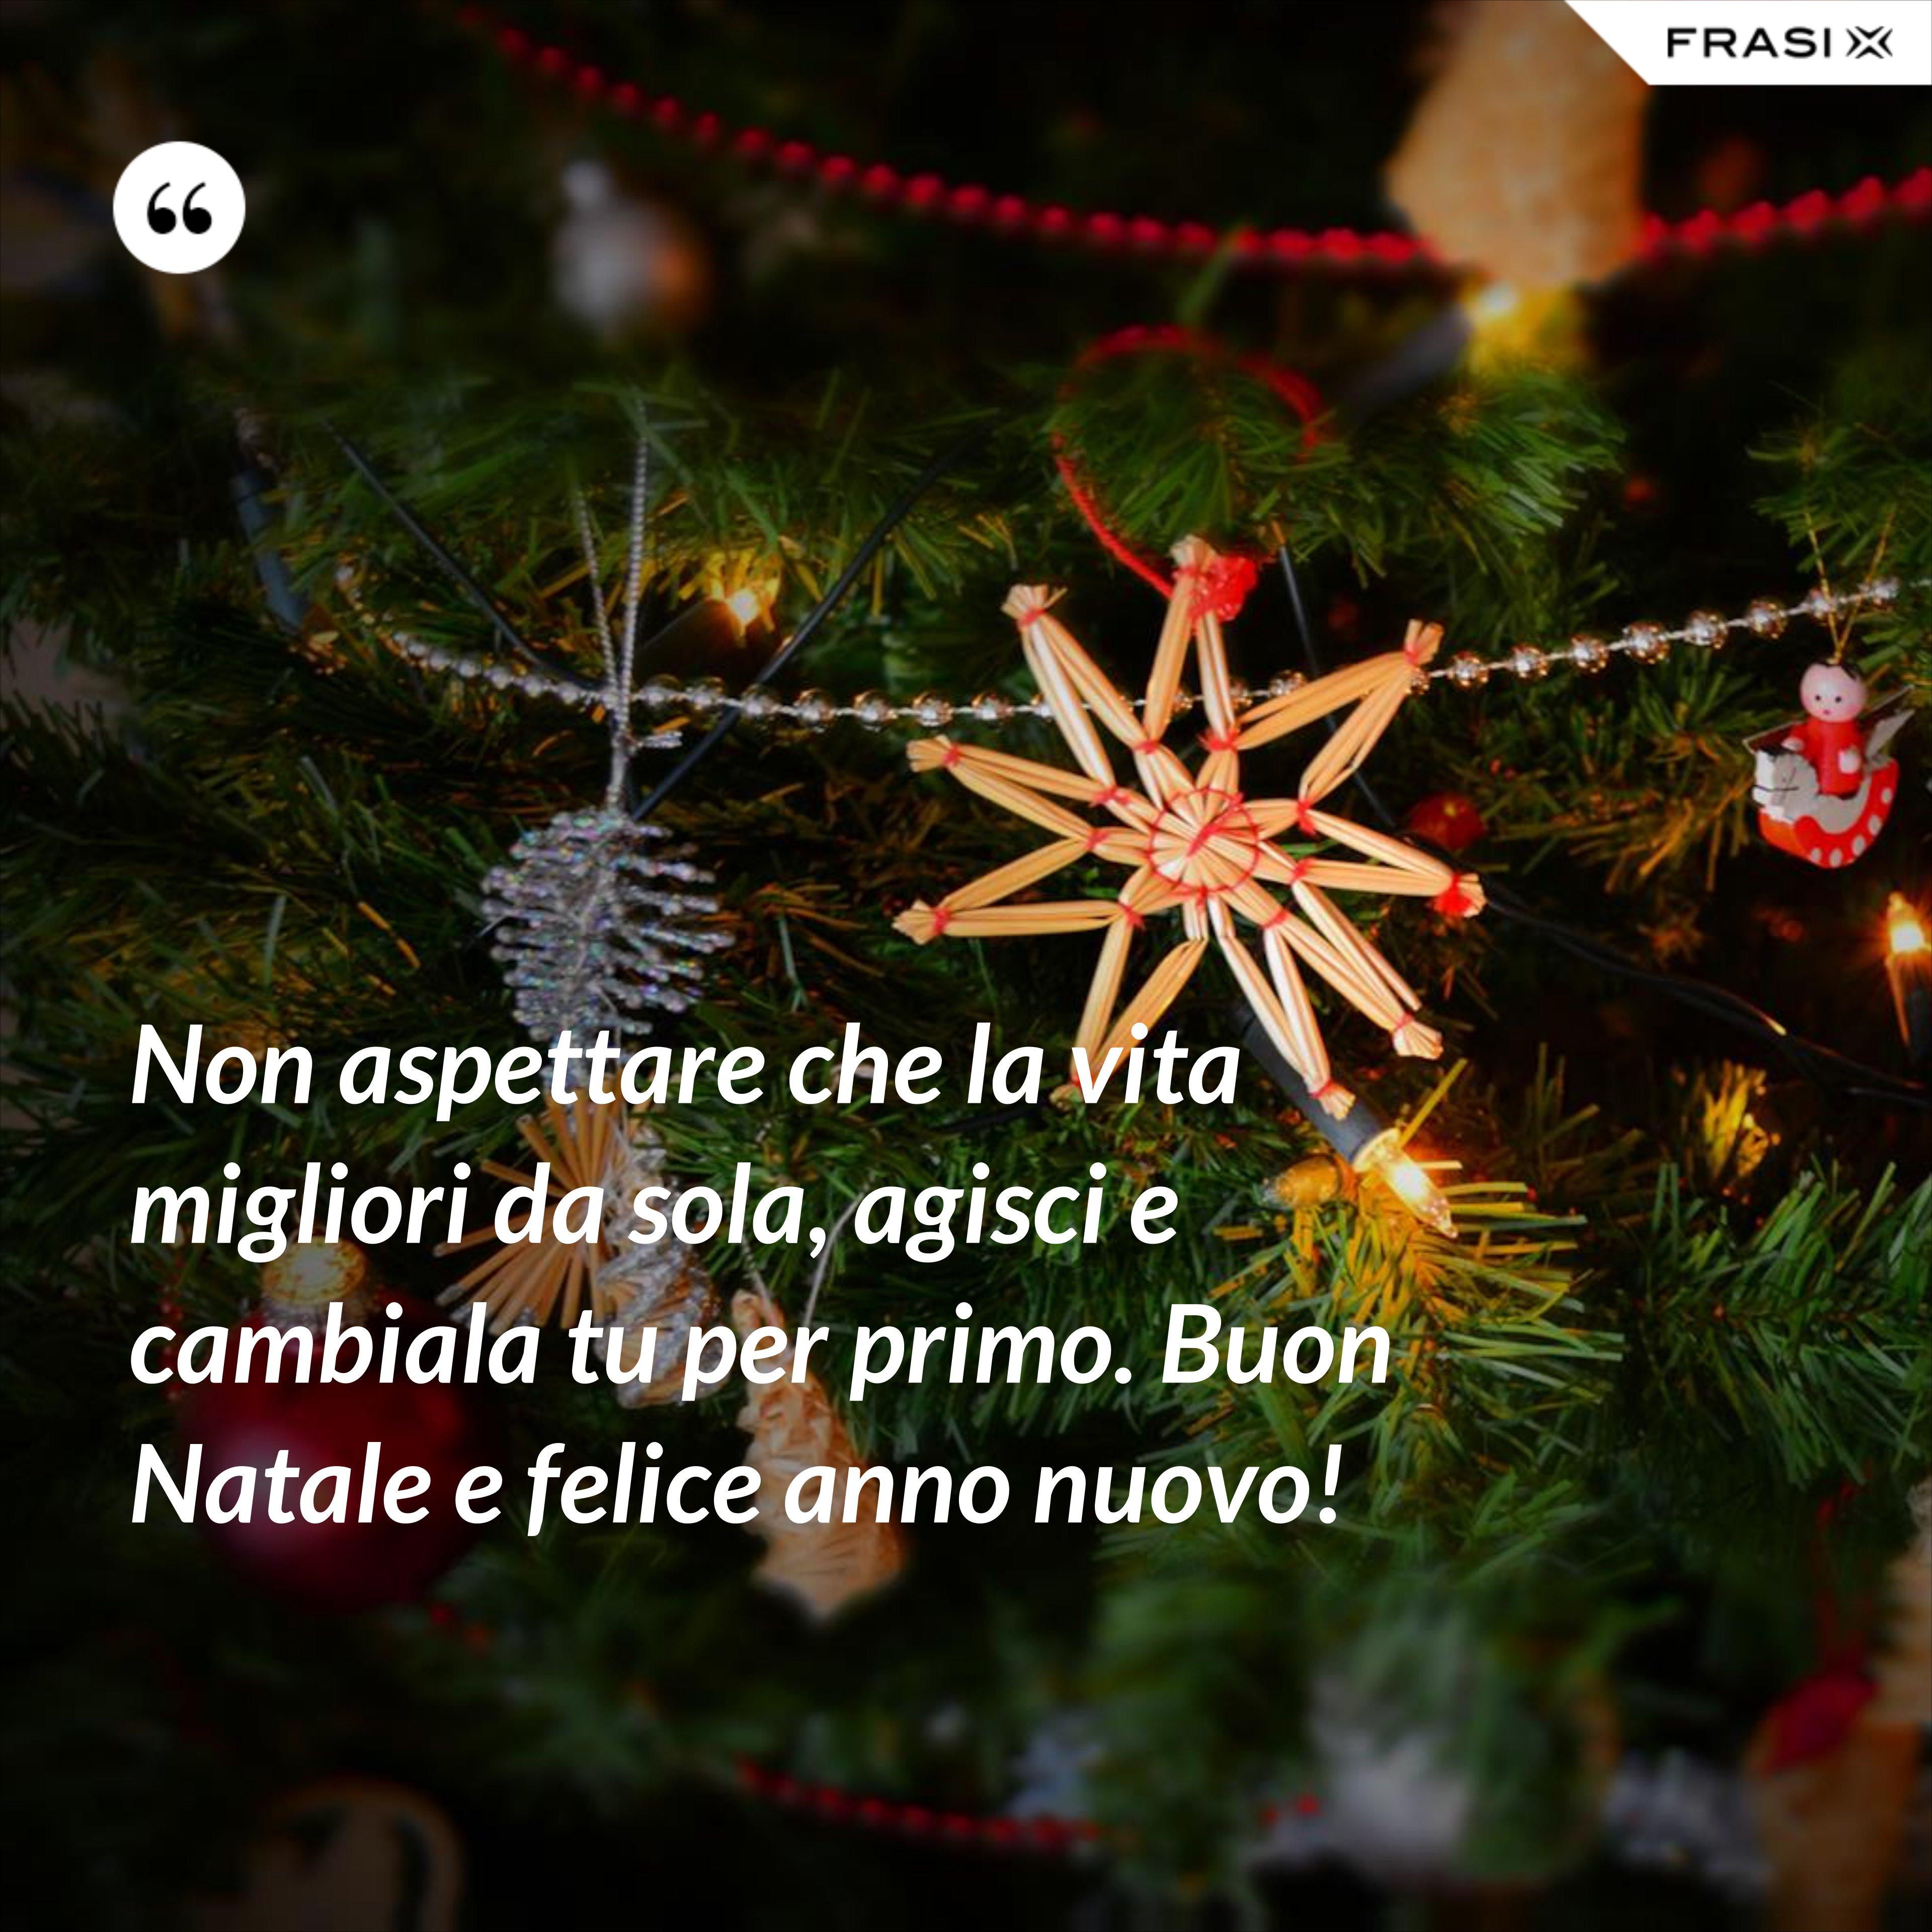 Non aspettare che la vita migliori da sola, agisci e cambiala tu per primo. Buon Natale e felice anno nuovo! - Anonimo